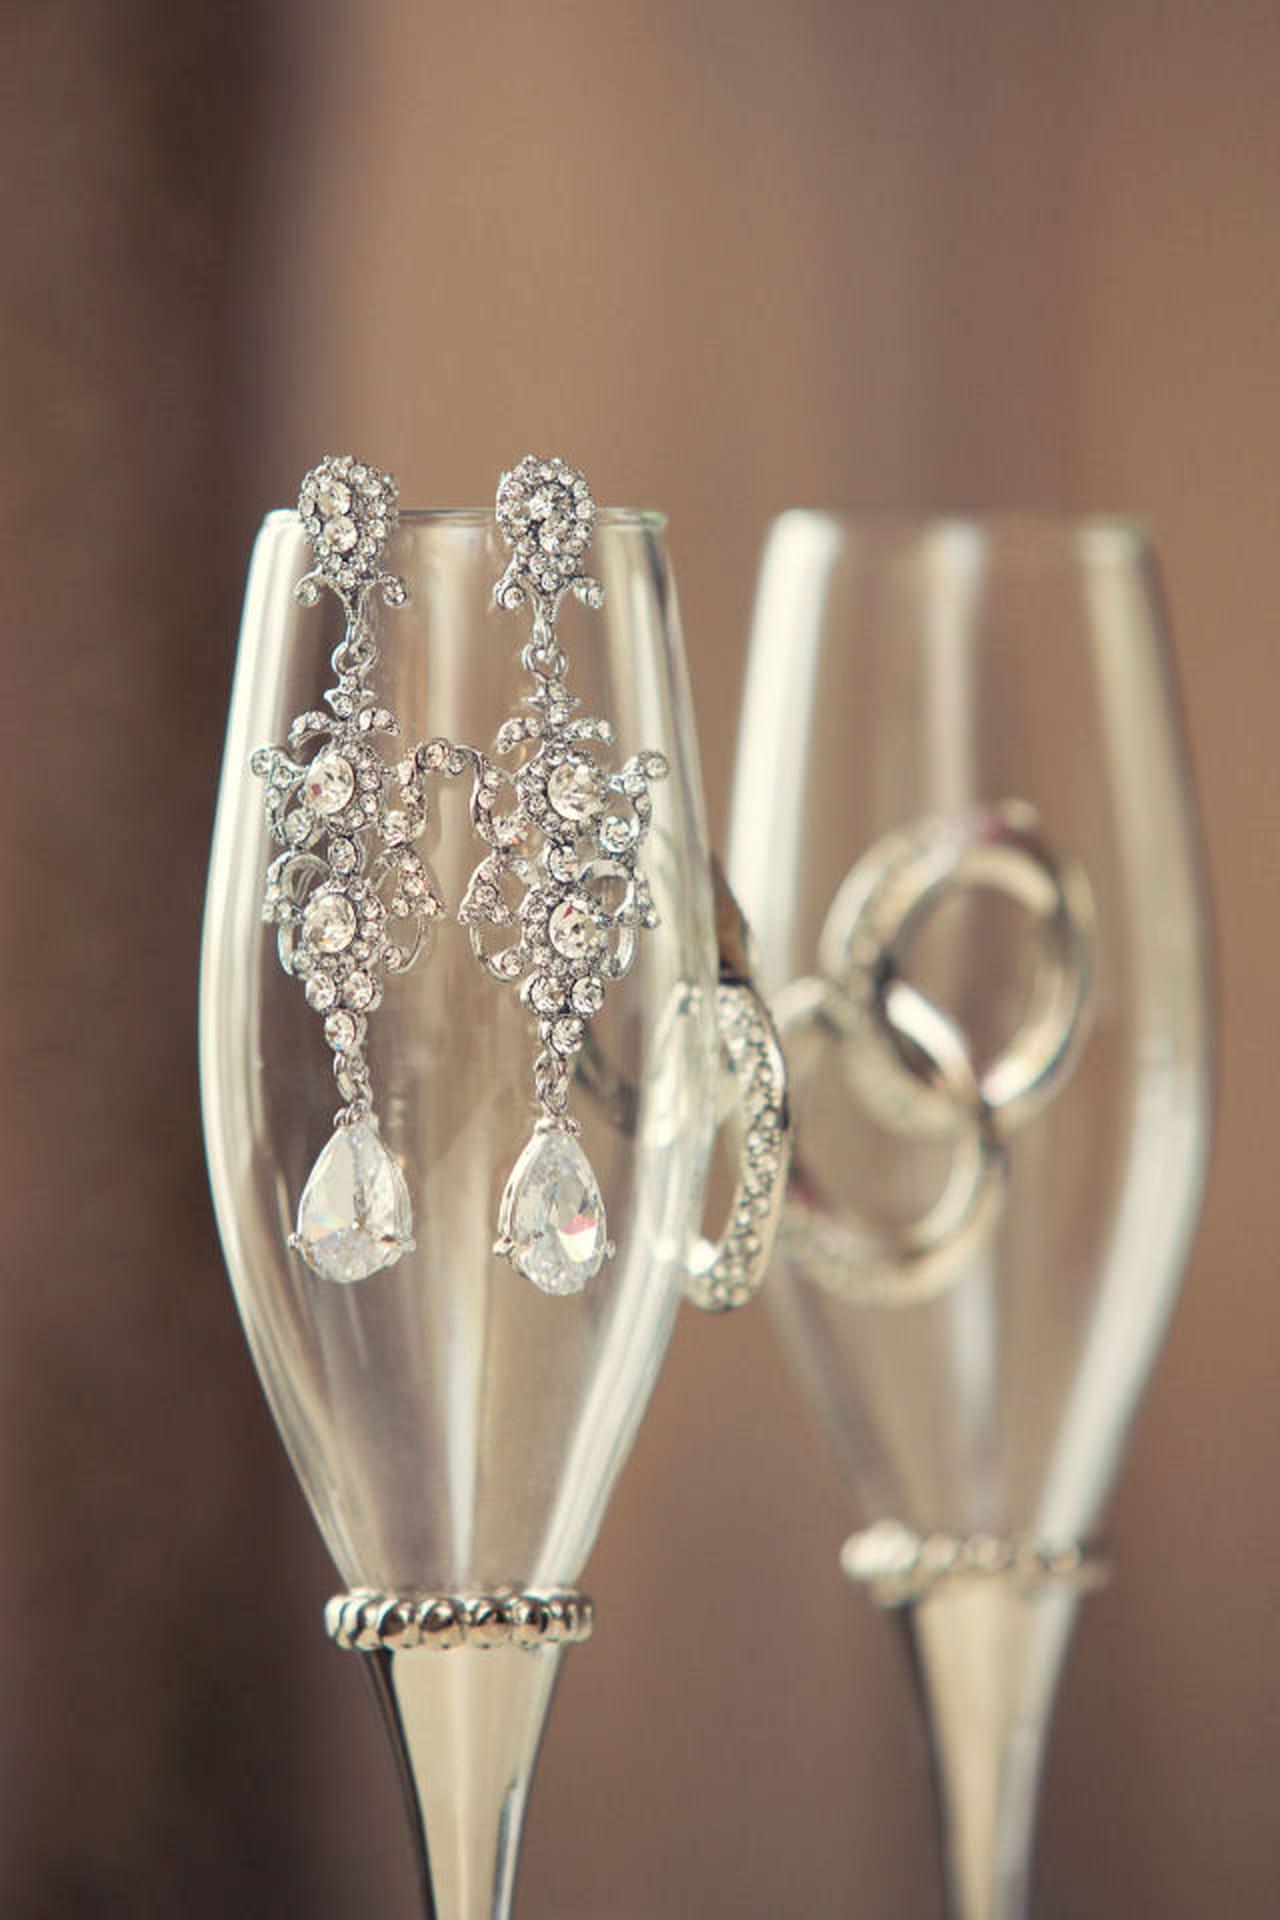 Orecchini matrimonio idee regalo per le testimoni for Idee originali per testimoni di nozze